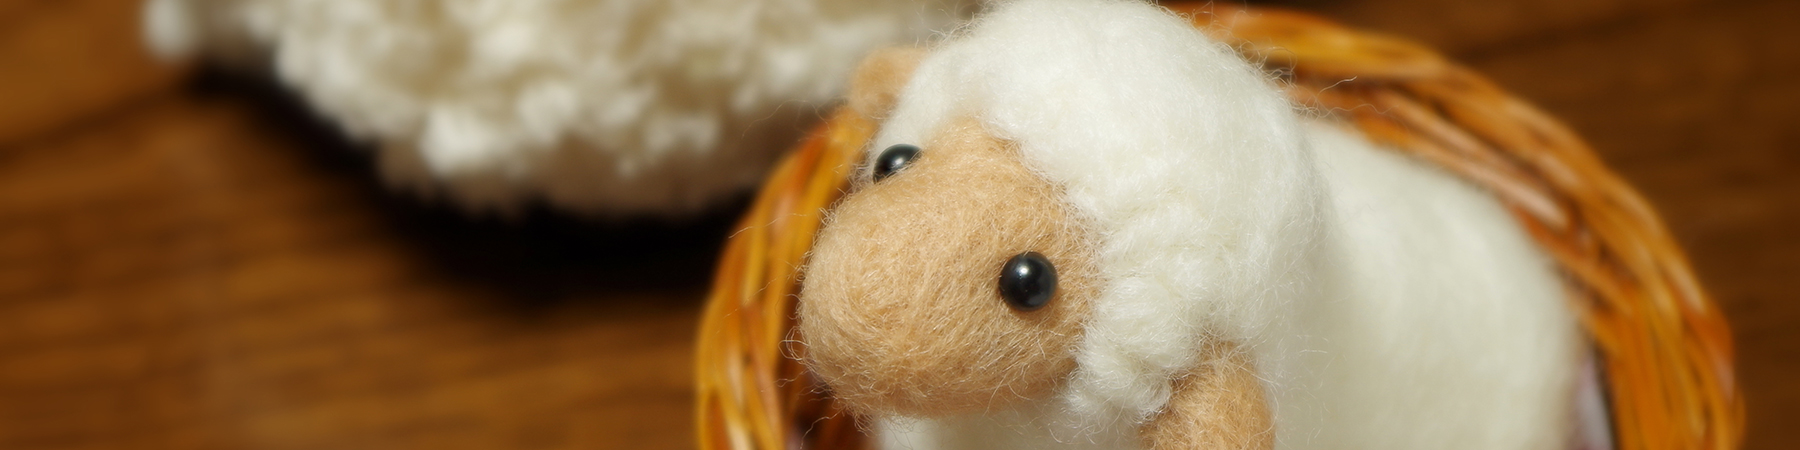 日本生活環境支援協会 | 羊毛フェルトアドバイザー認定試験